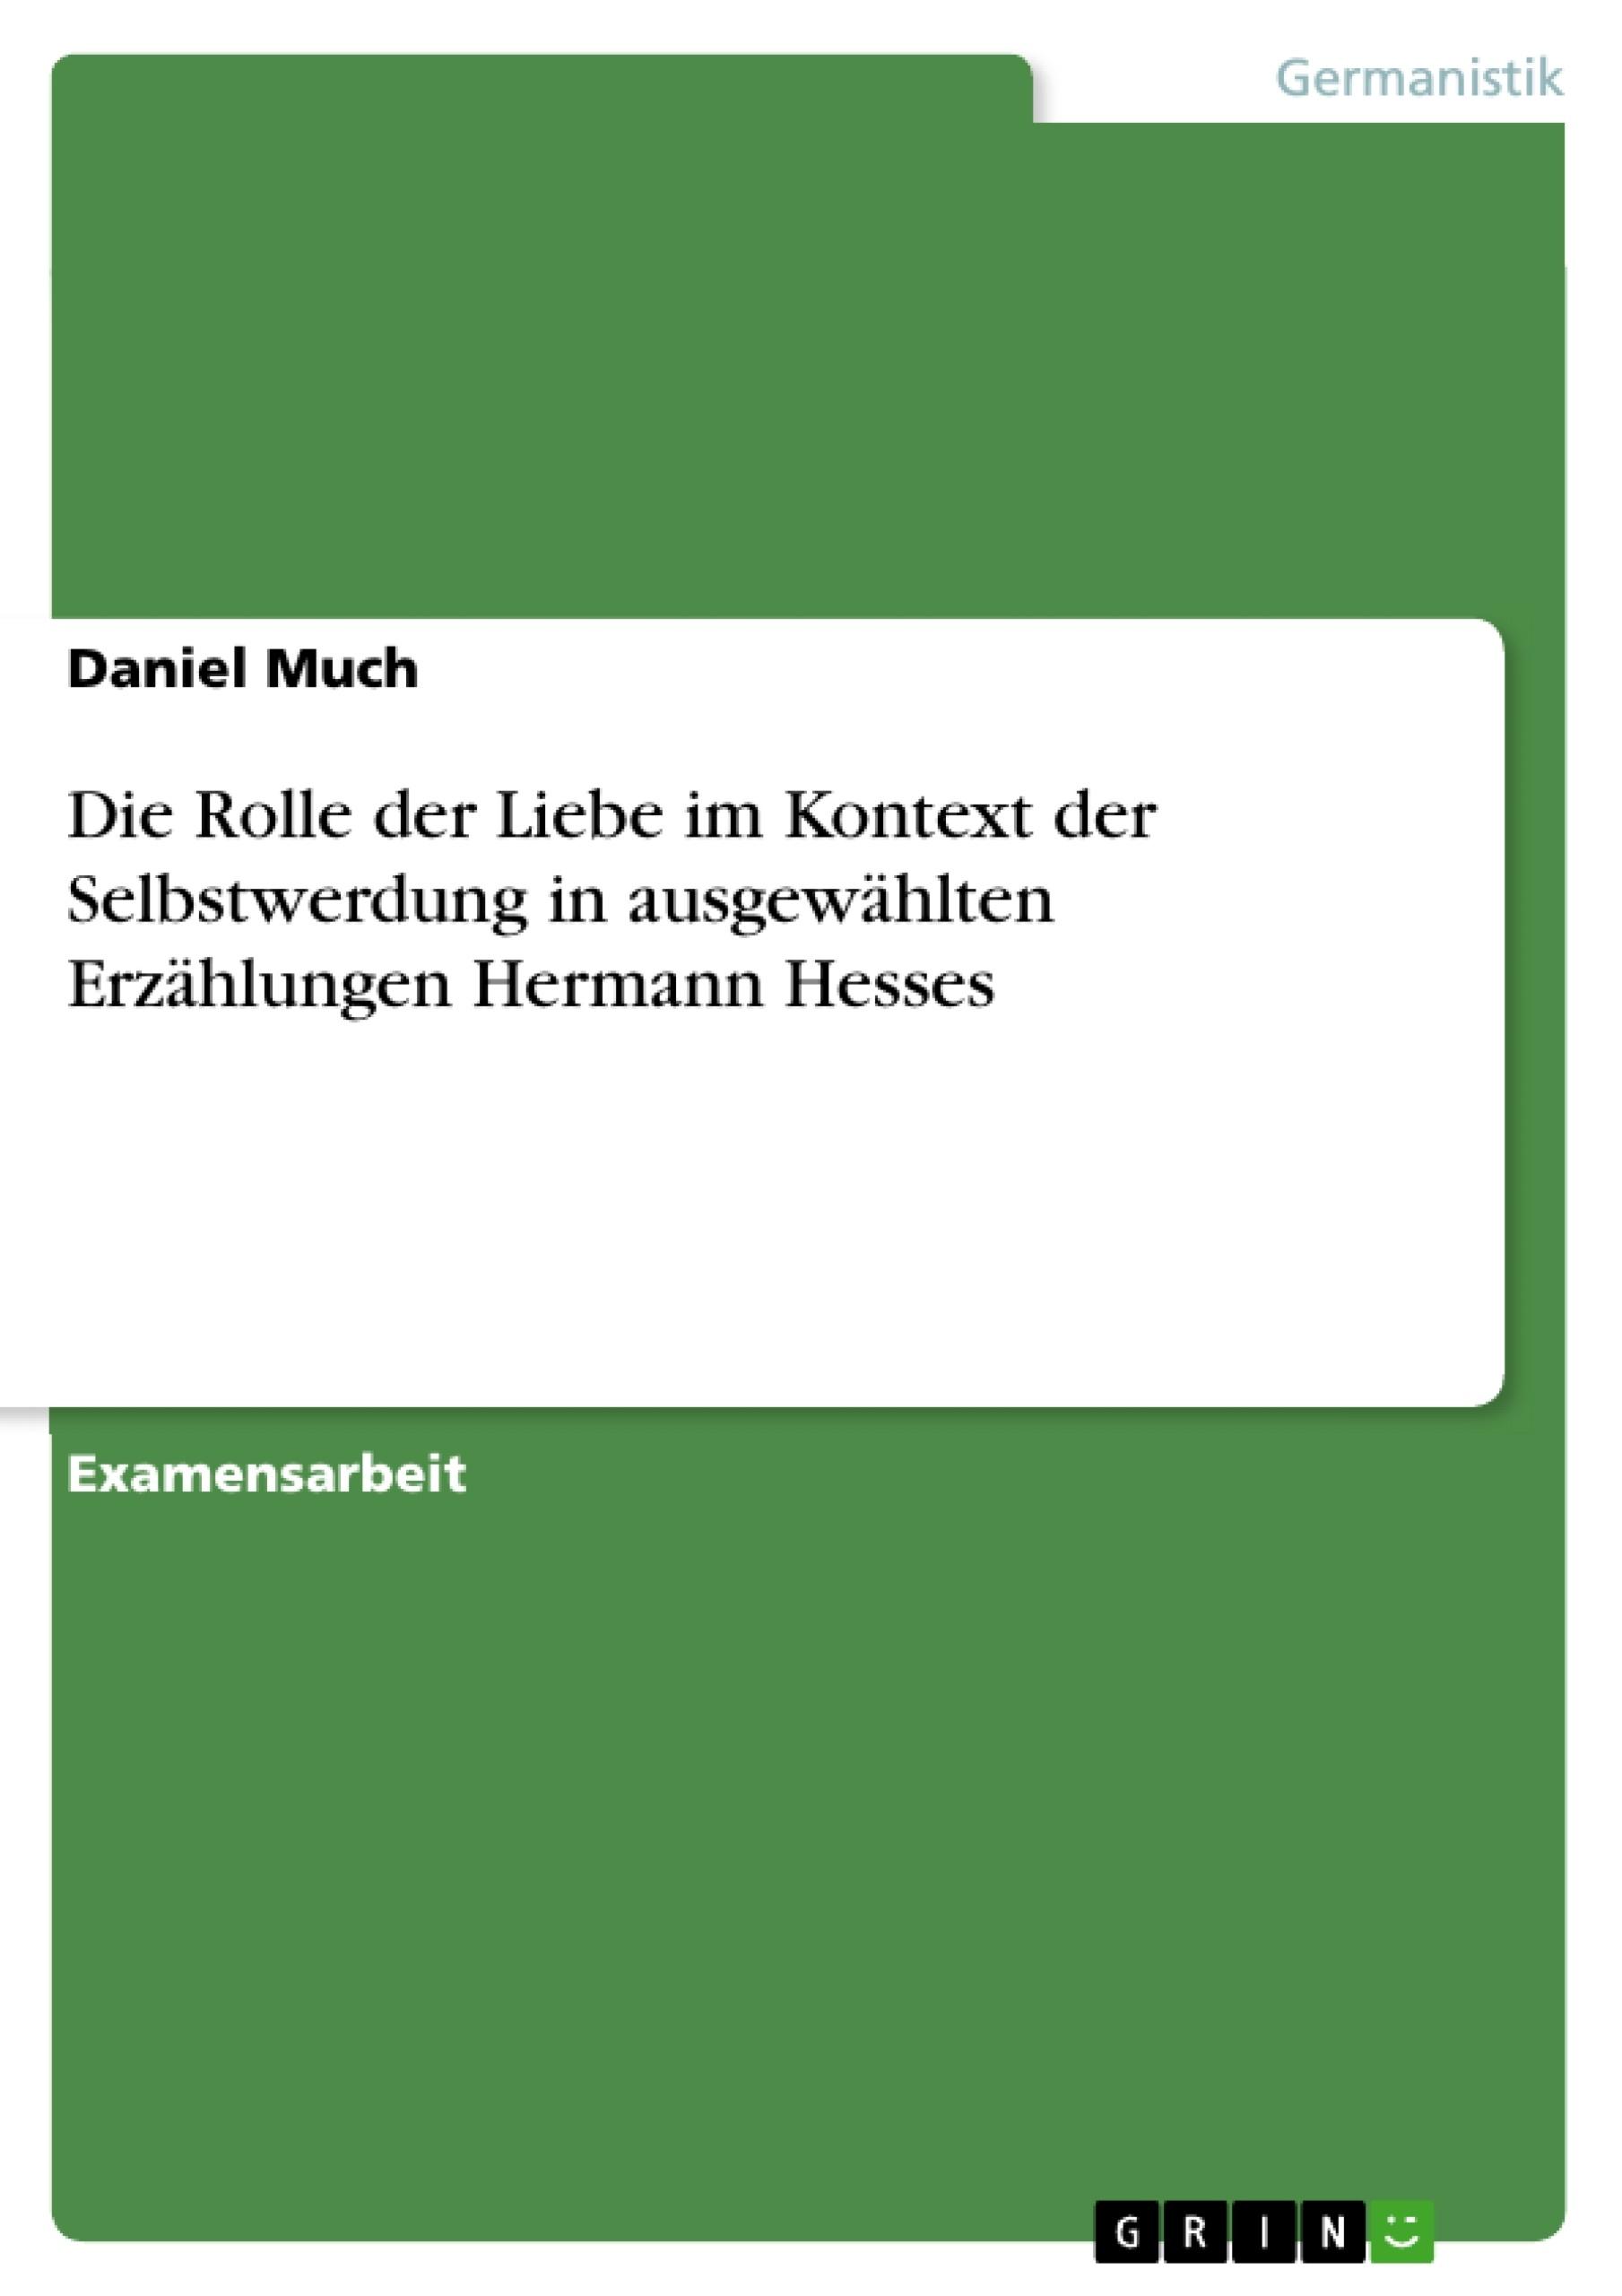 Titel: Die Rolle der Liebe im Kontext der Selbstwerdung in ausgewählten Erzählungen Hermann Hesses